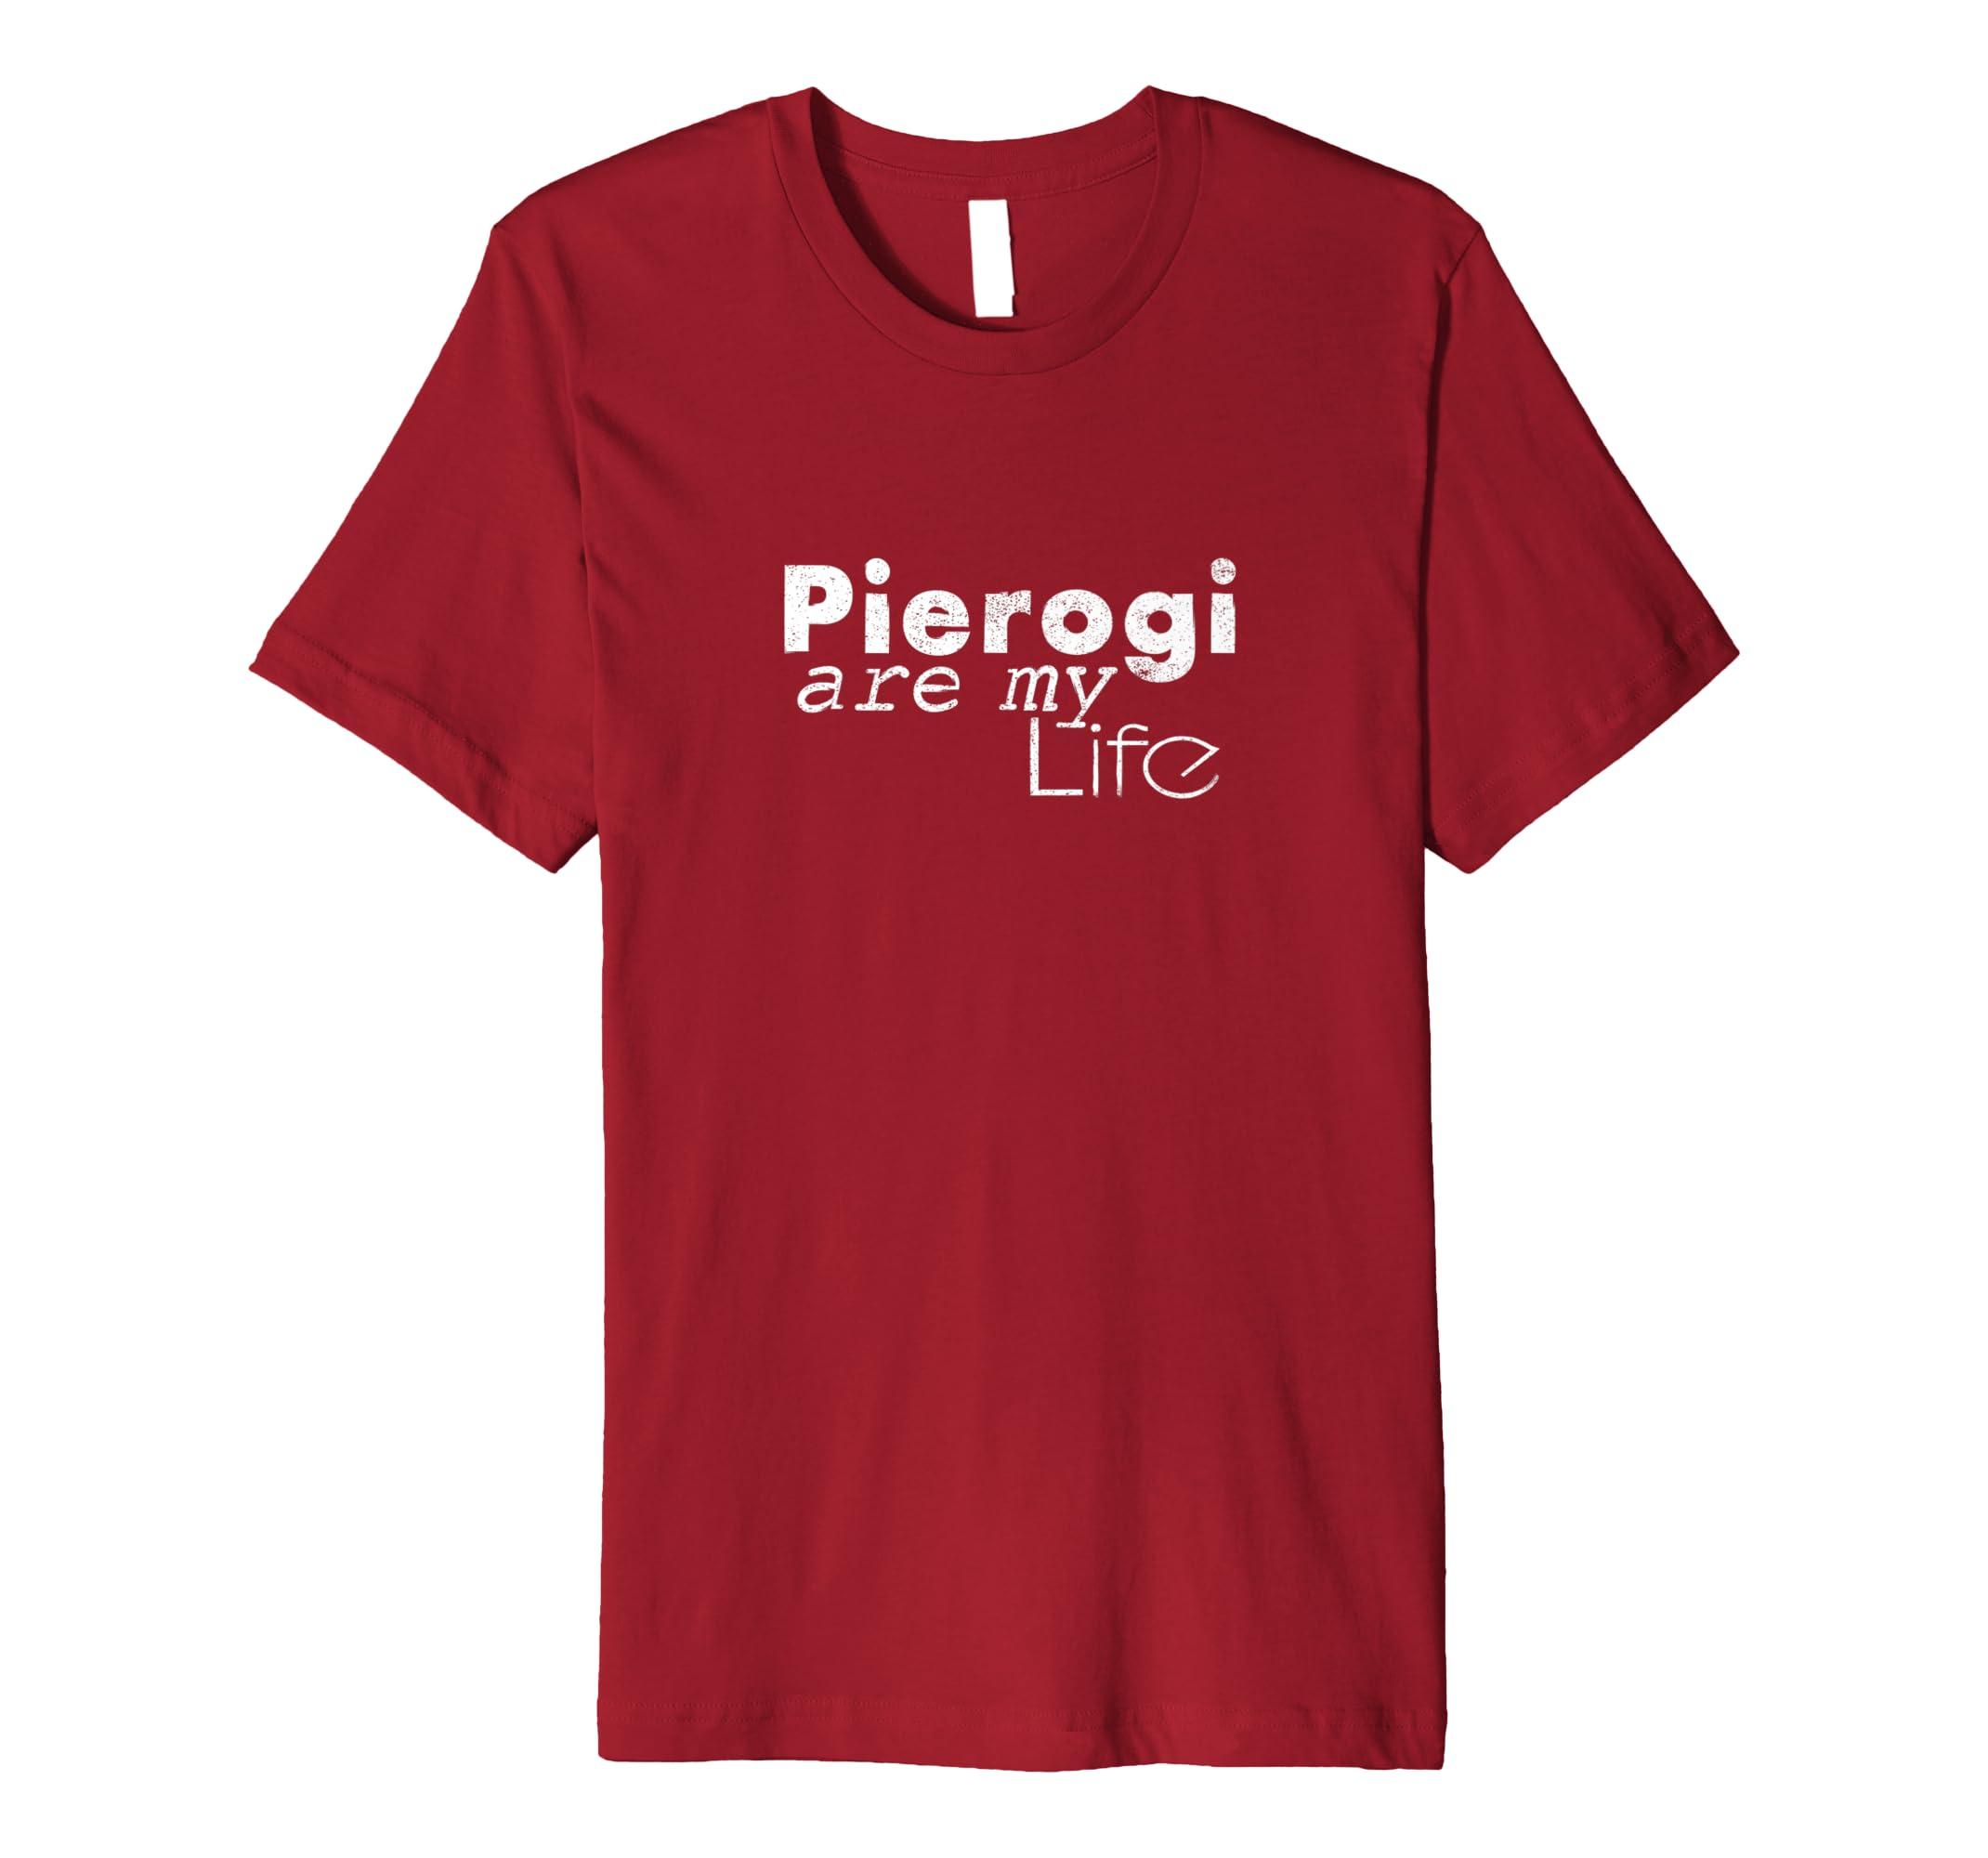 6c3066f7 Amazon.com: Pierogi are my life - Funny Polish T-Shirt Polish Food Tee:  Clothing